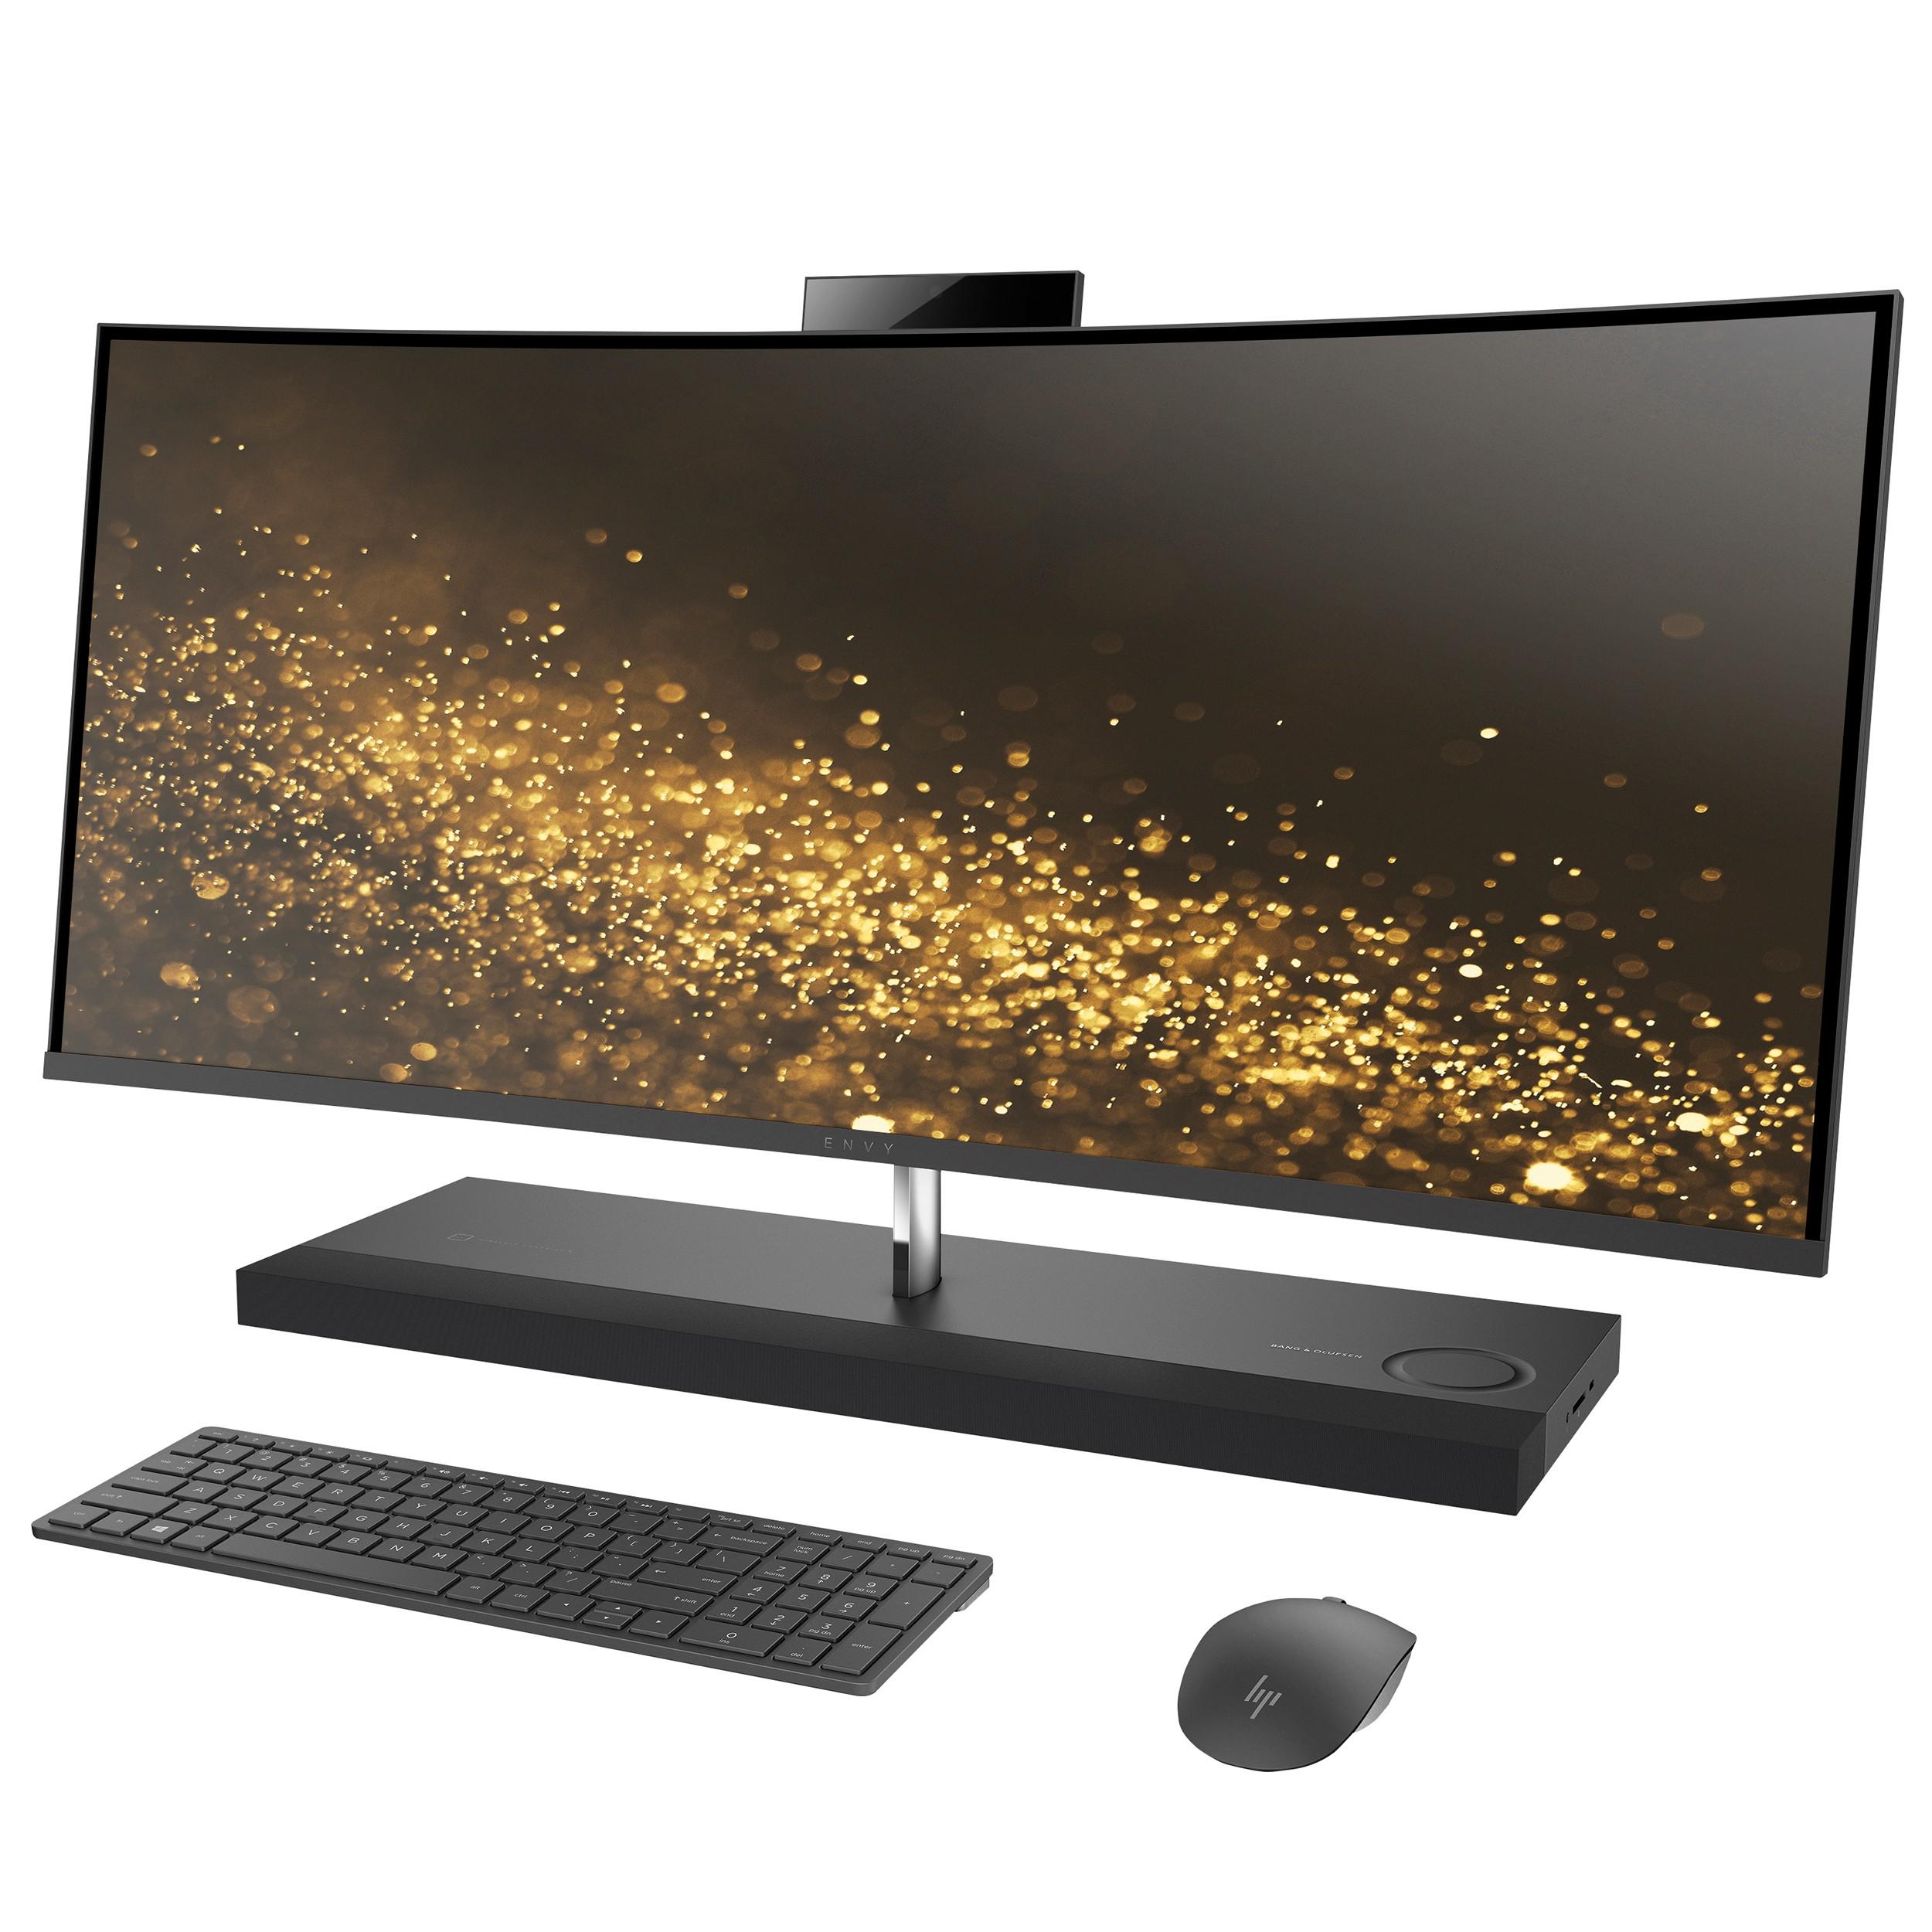 Z7C67EA#UUW : HP Envy 34-b010no 34